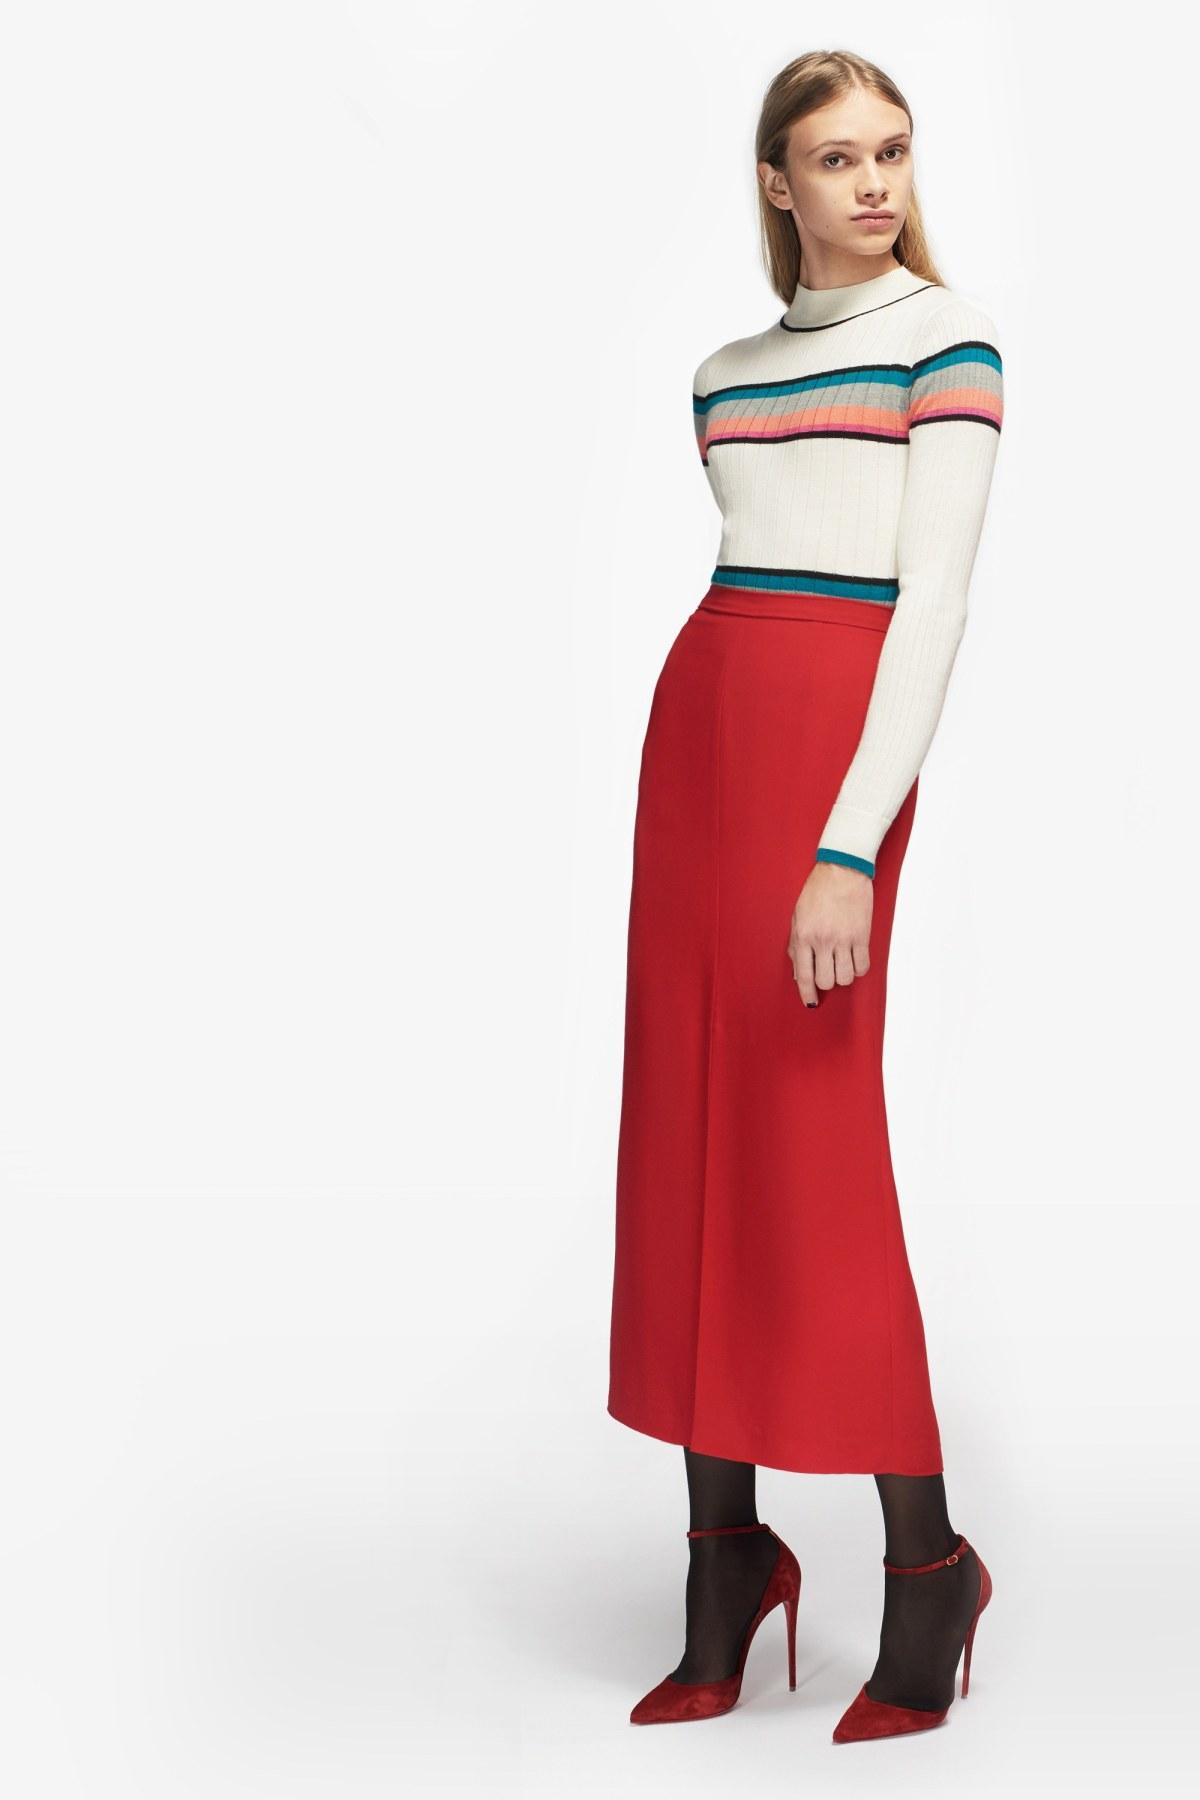 tome-pre-fall-2017-fashion-show-the-impression-20